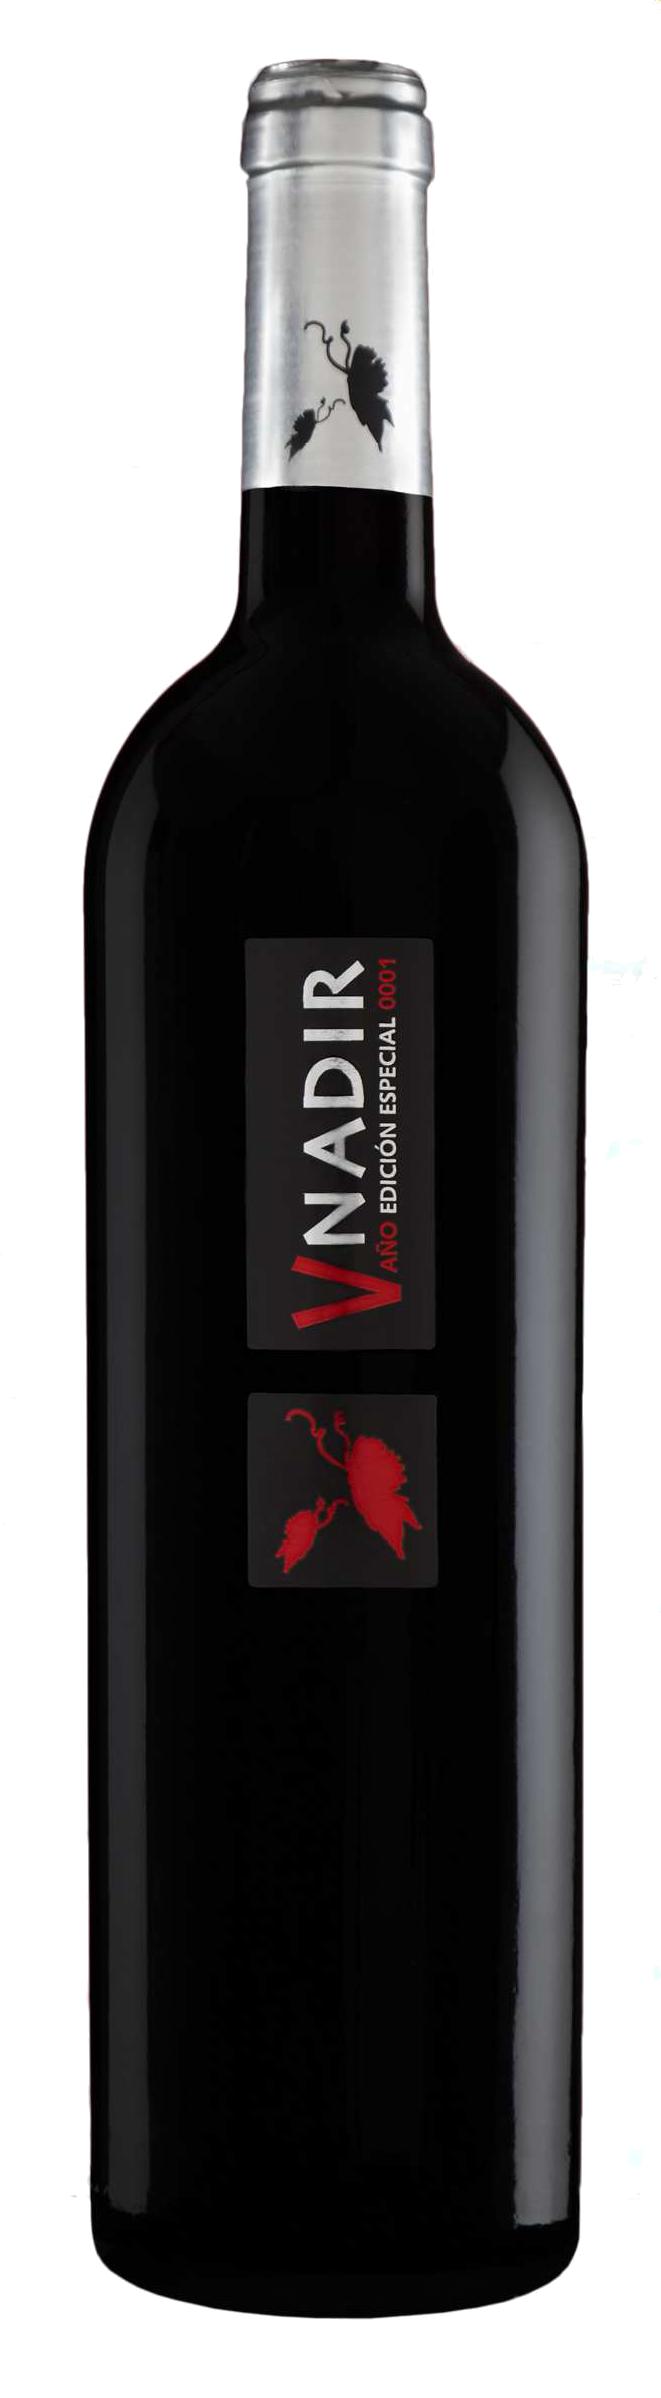 Vnadir Vº 2012